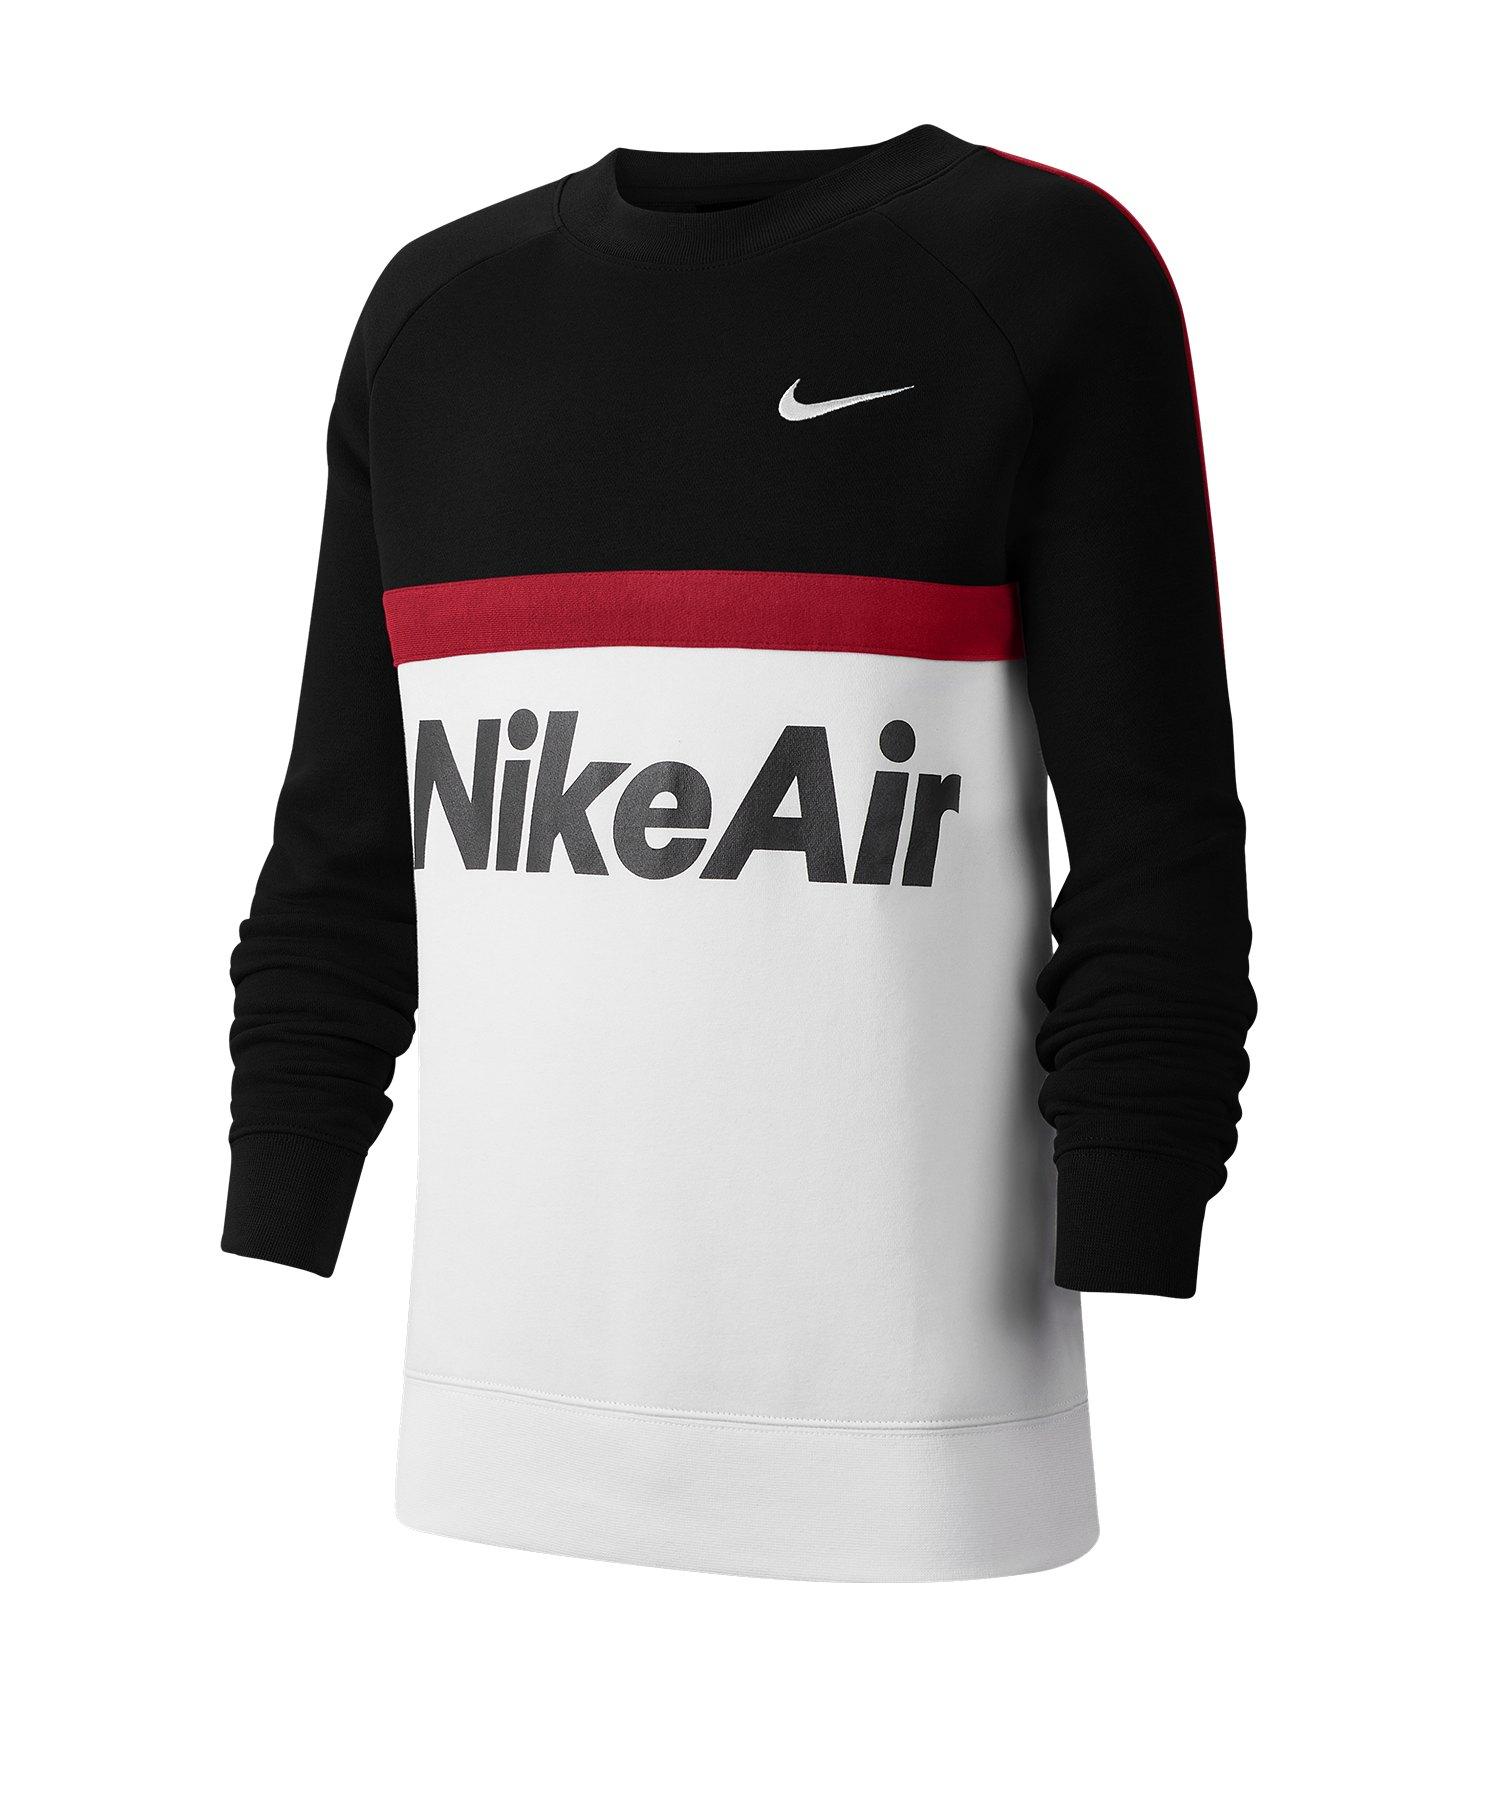 Nike Air Crew Sweatshirt Kids Schwarz Weiss F011 - schwarz